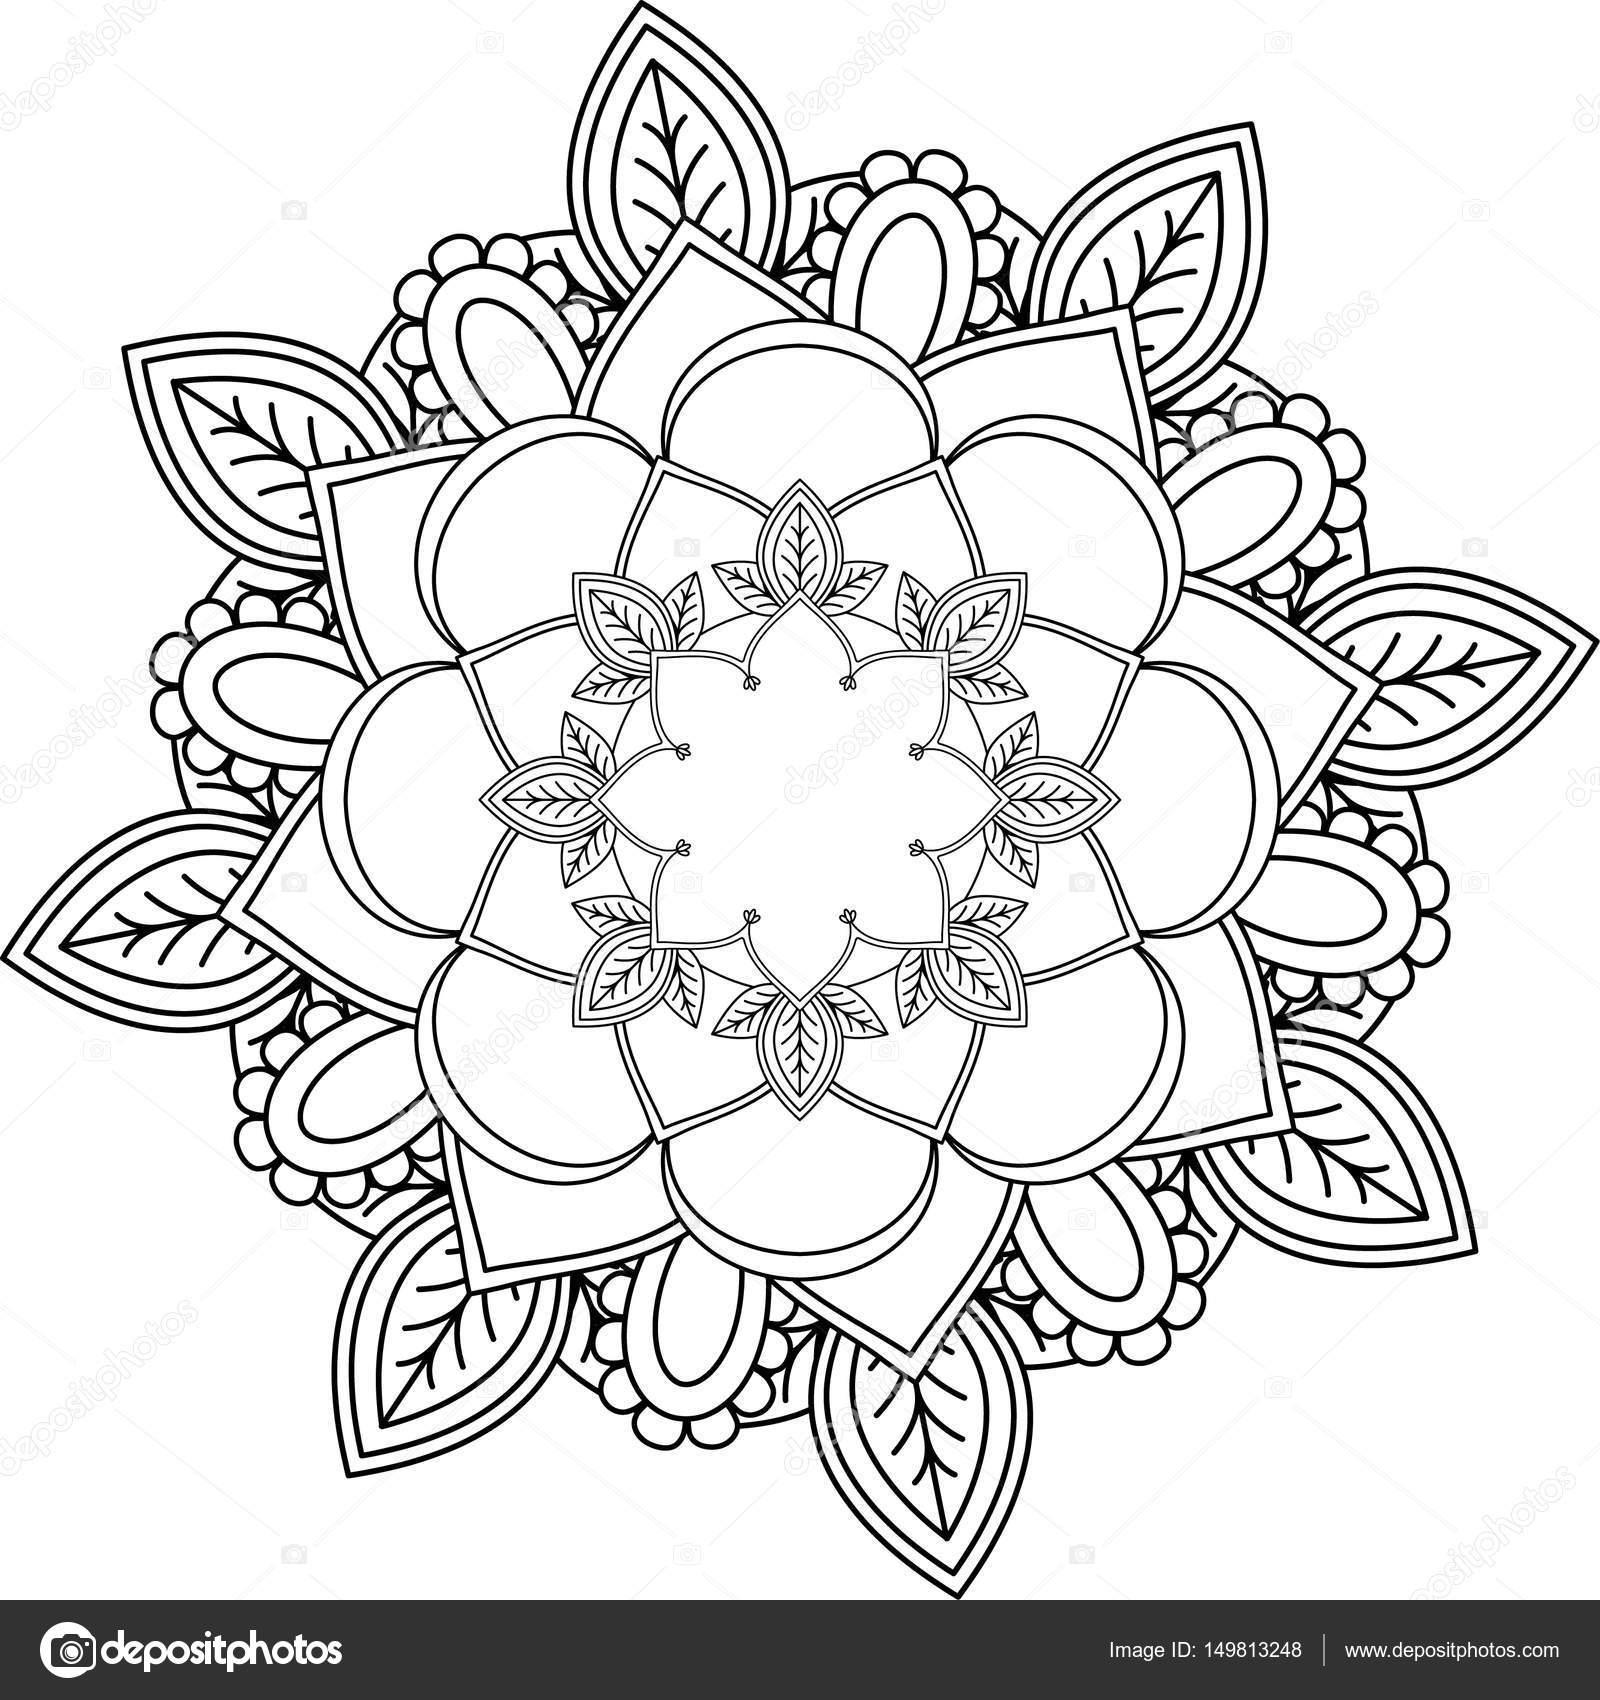 1600x1700 Mandalas drawing wallpaper — Stock Photo © outsiderzone